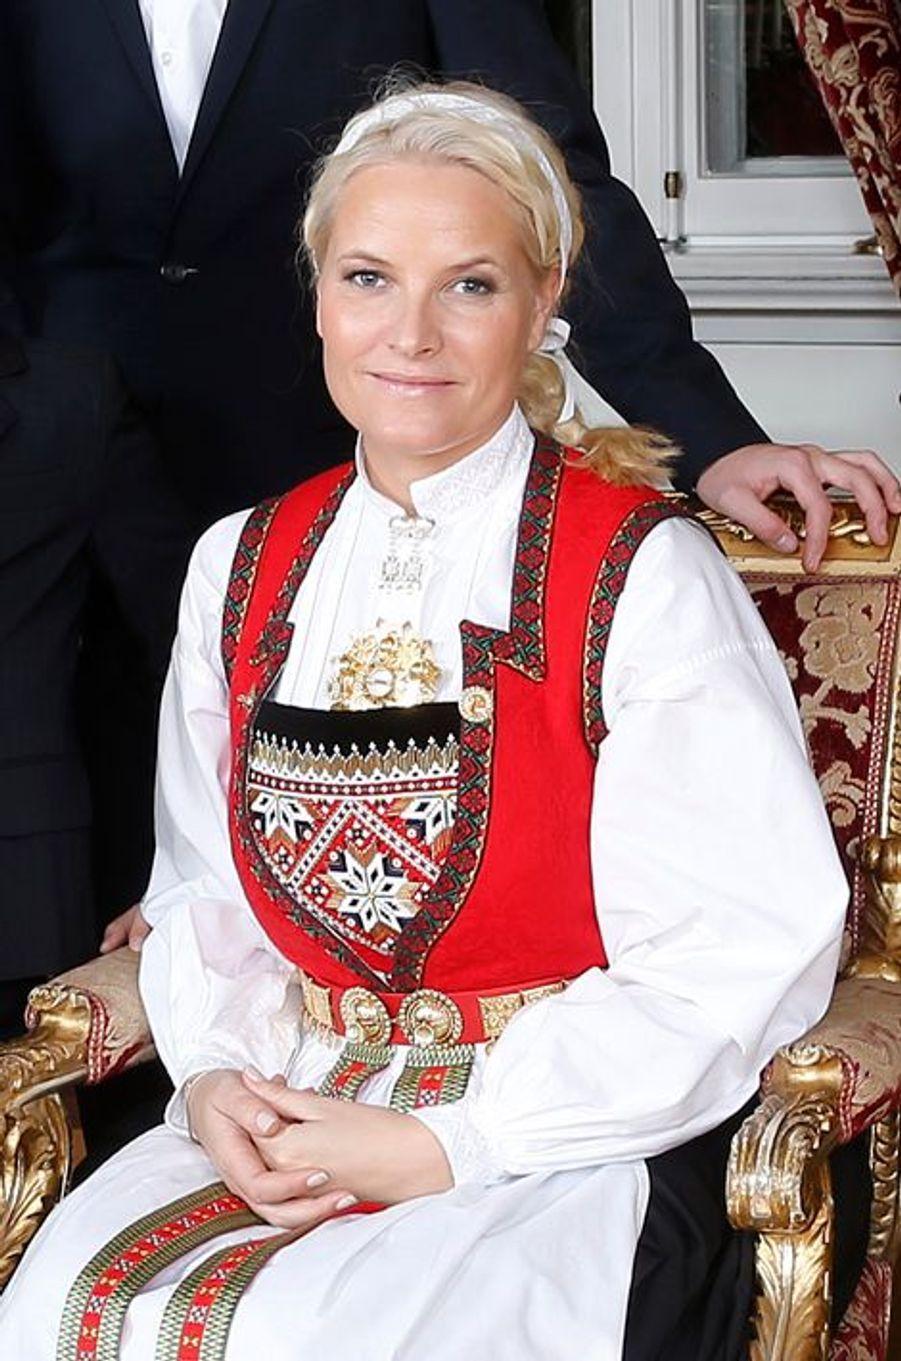 La princesse Mette-Marit au Palais royal d'Oslo, le 17 décembre 2014